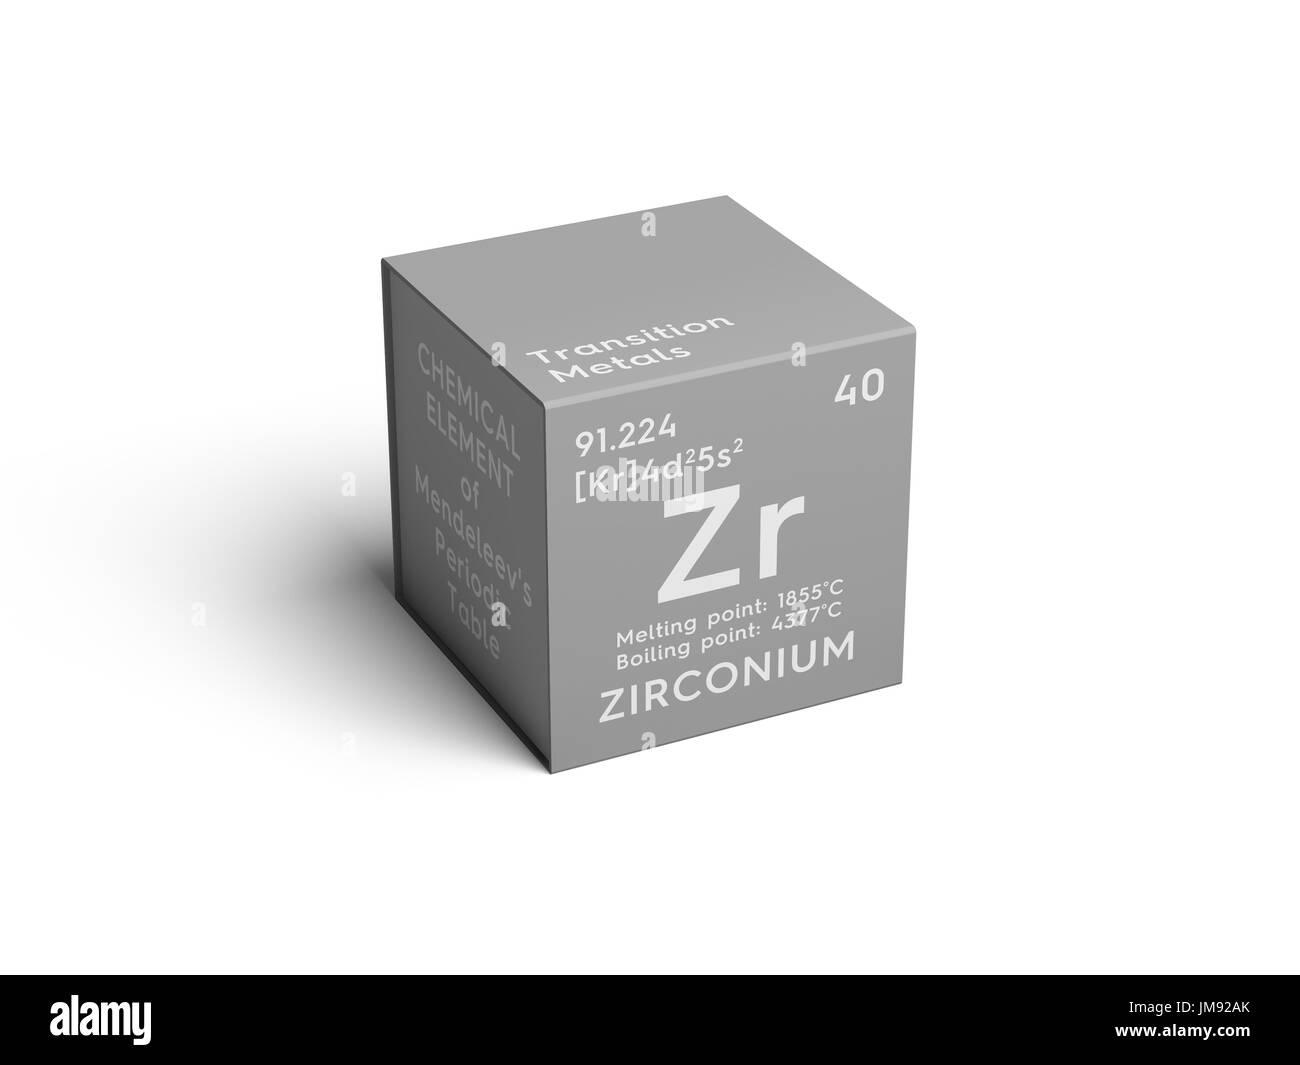 El circonio los metales de transicin elemento qumico de la tabla el circonio los metales de transicin elemento qumico de la tabla peridica de mendeleyev circonio en square cube concepto creativo urtaz Image collections